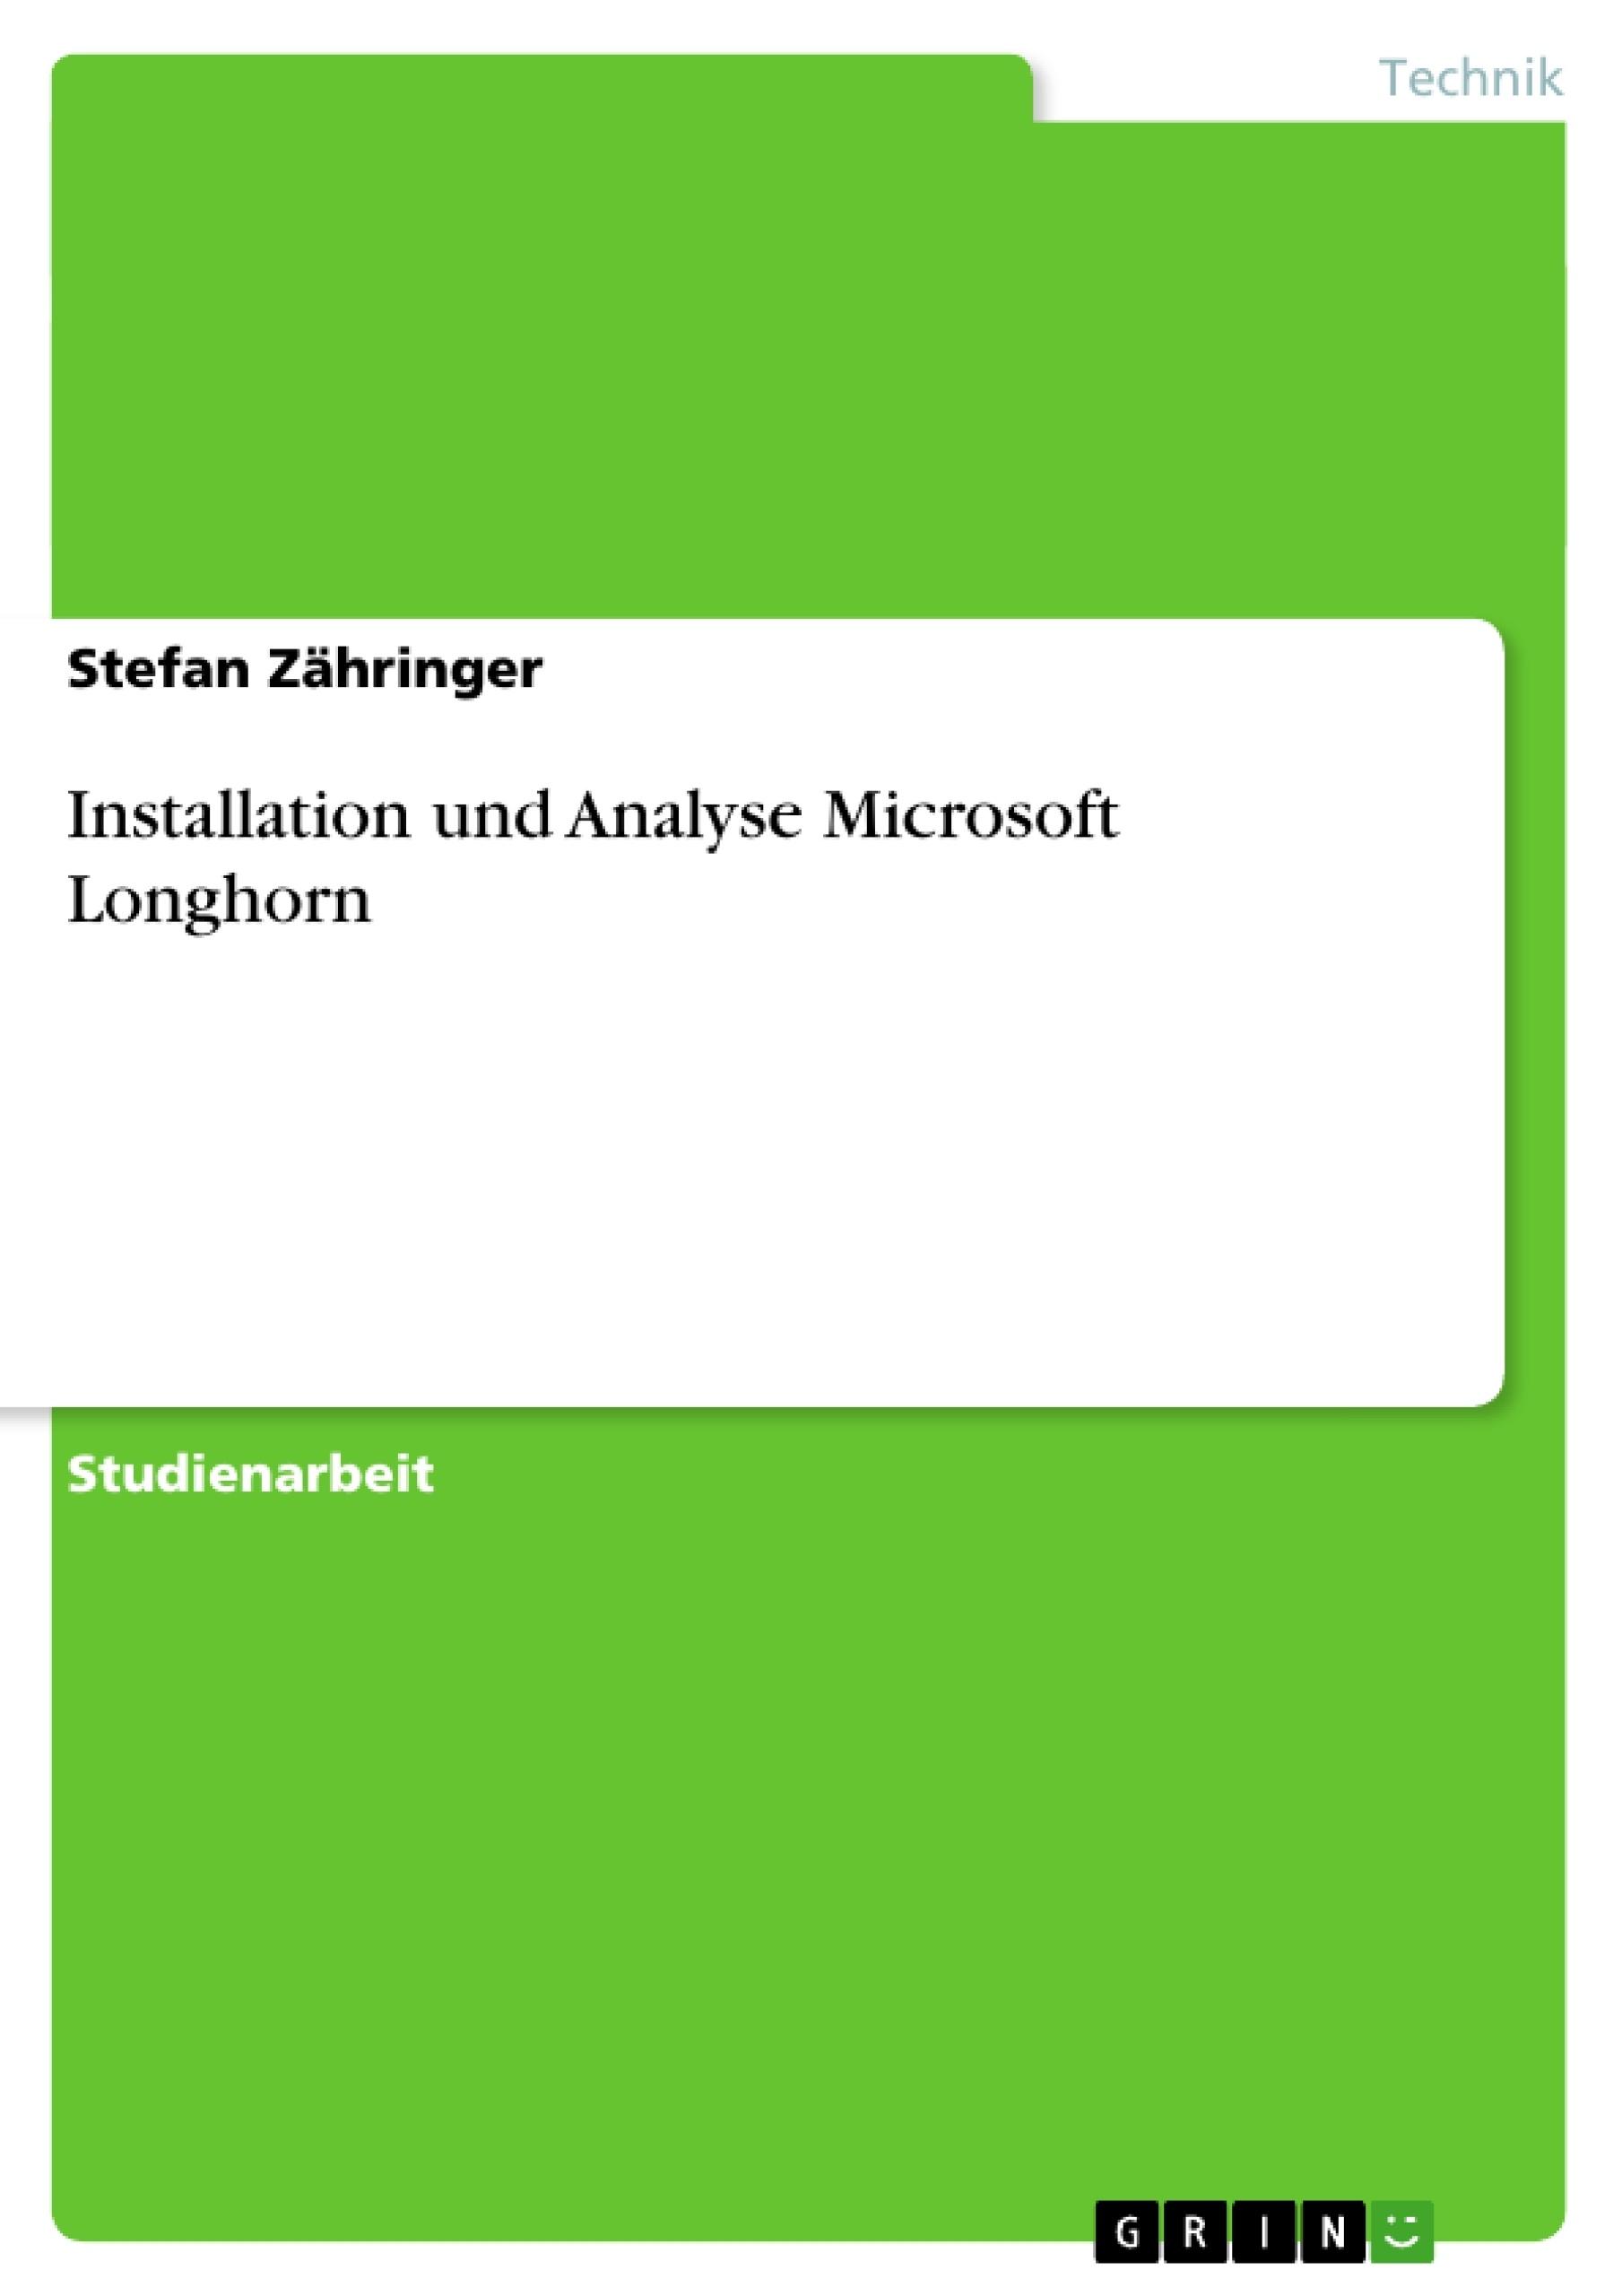 Titel: Installation und Analyse Microsoft Longhorn